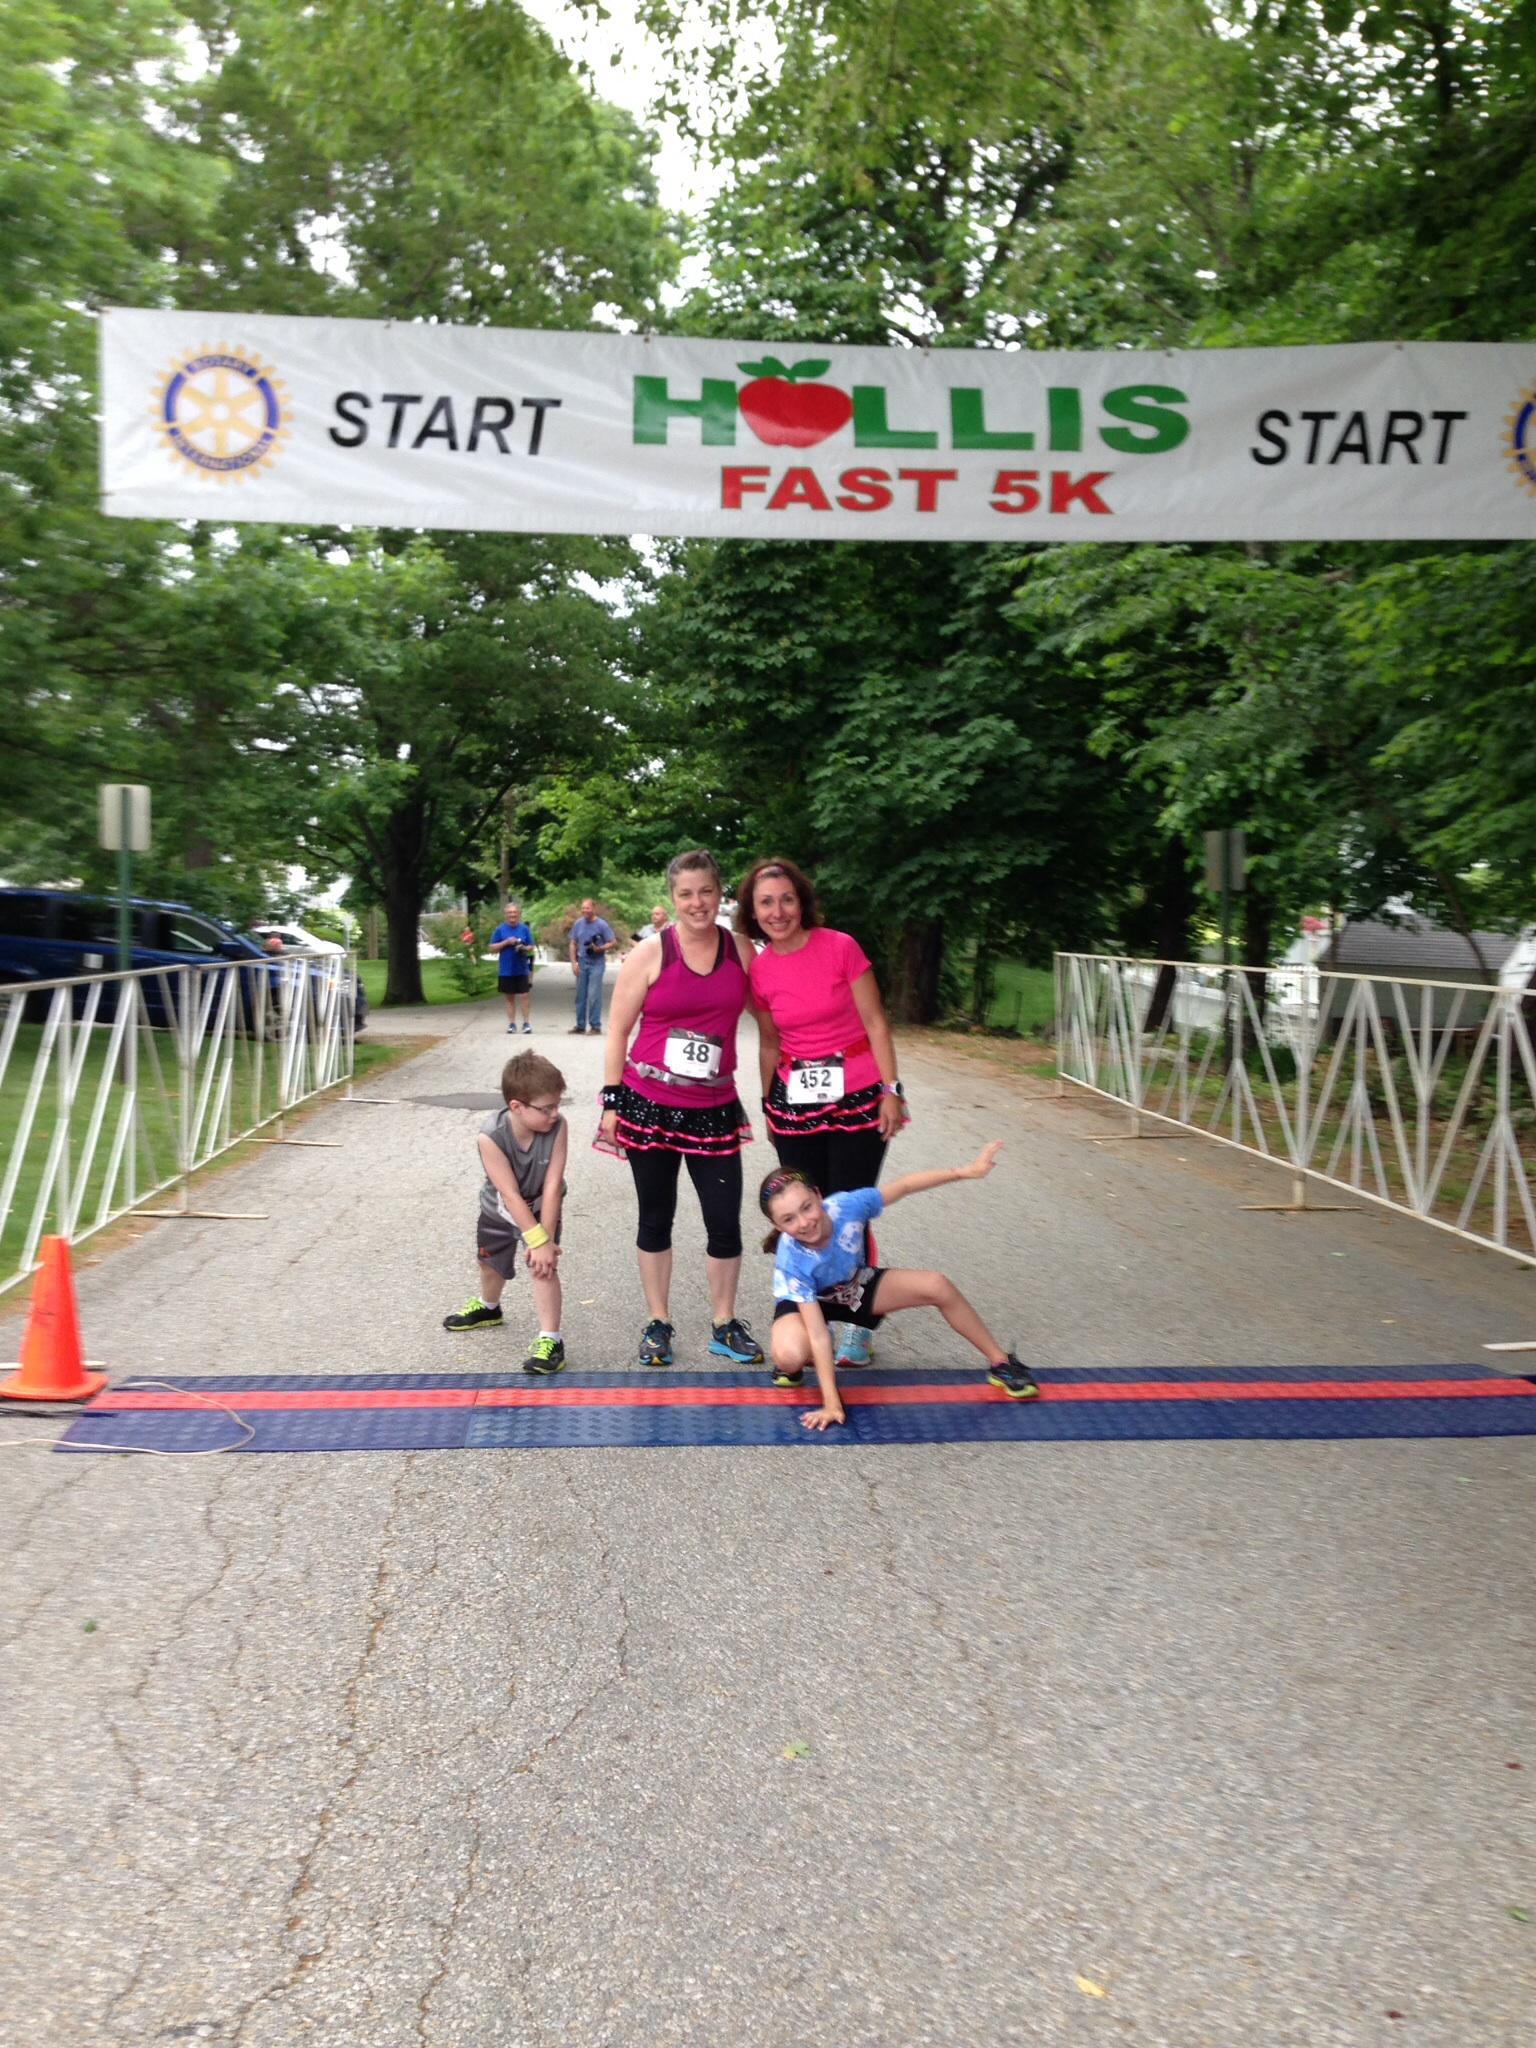 Hollis Fast 5K